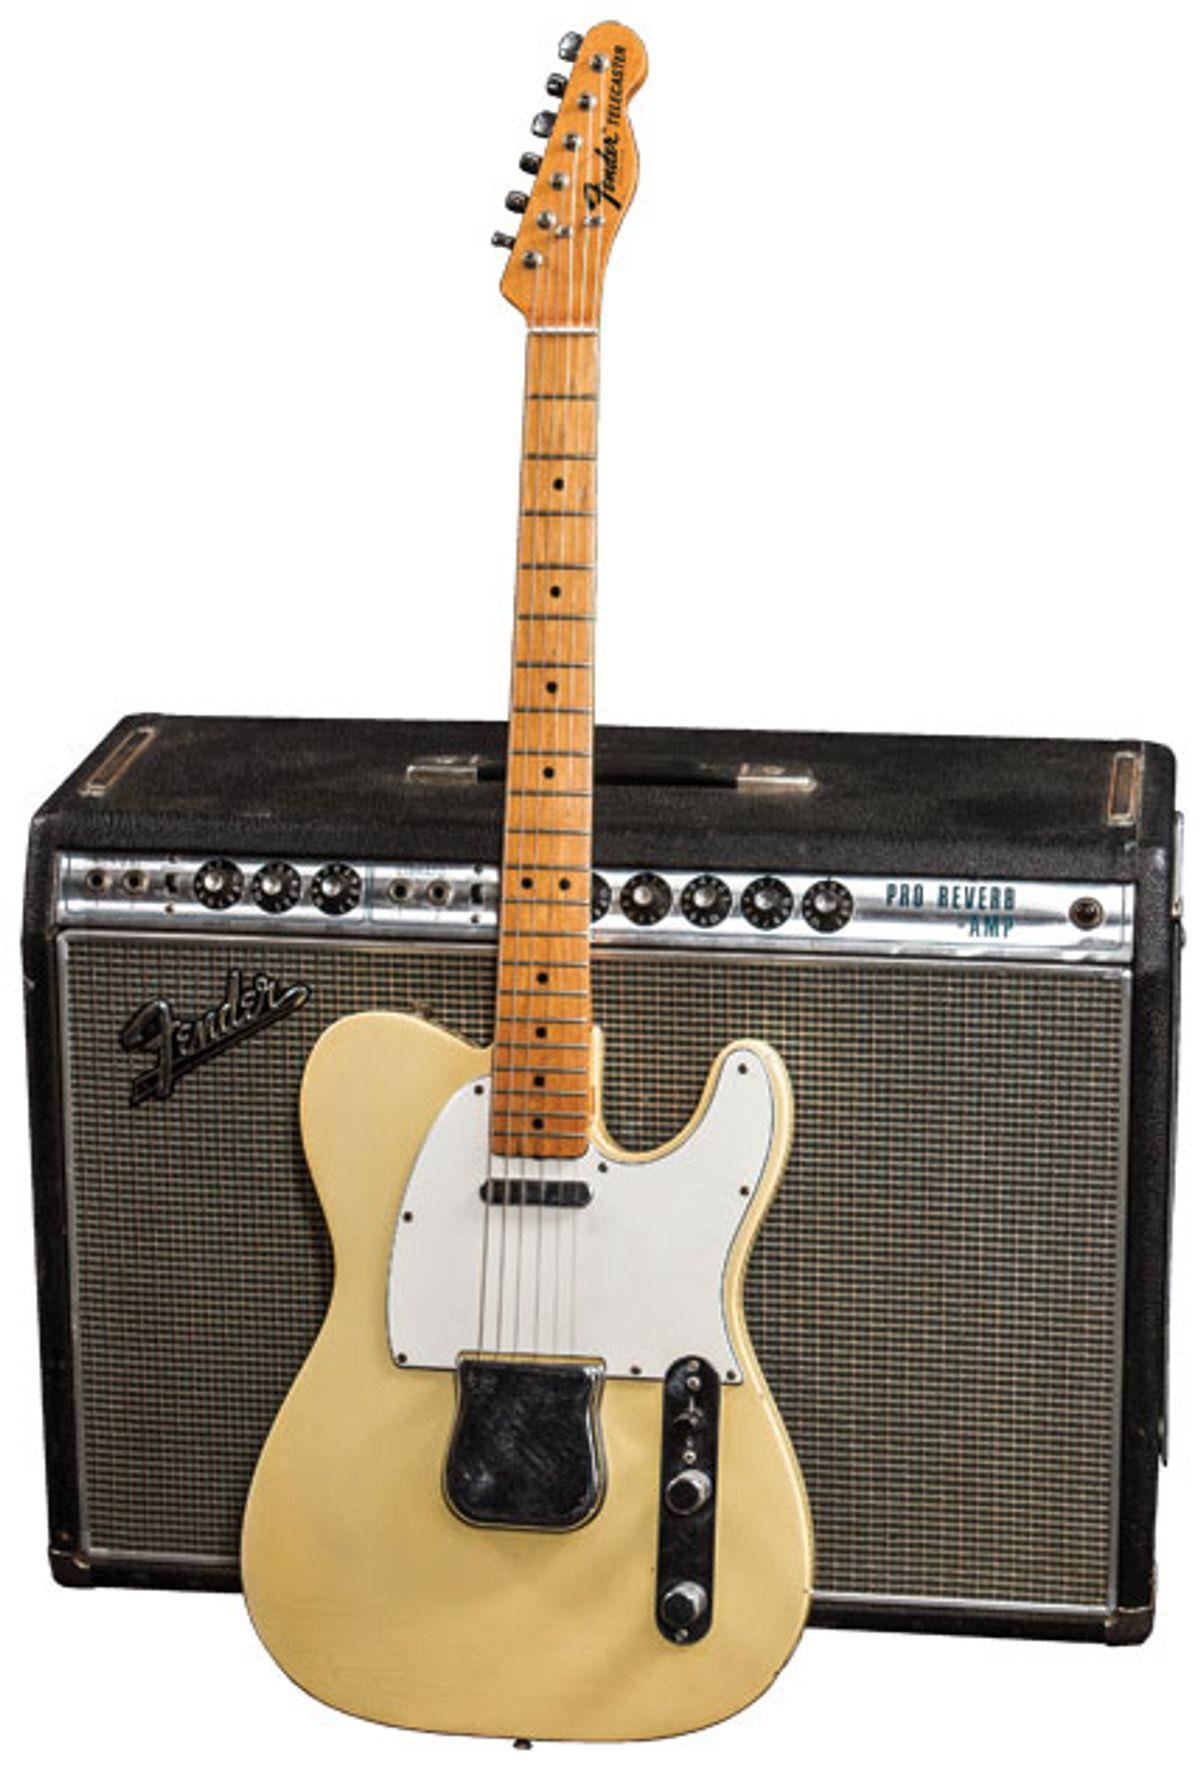 Vintage Vault: 1967 Fender Smuggler's Tele